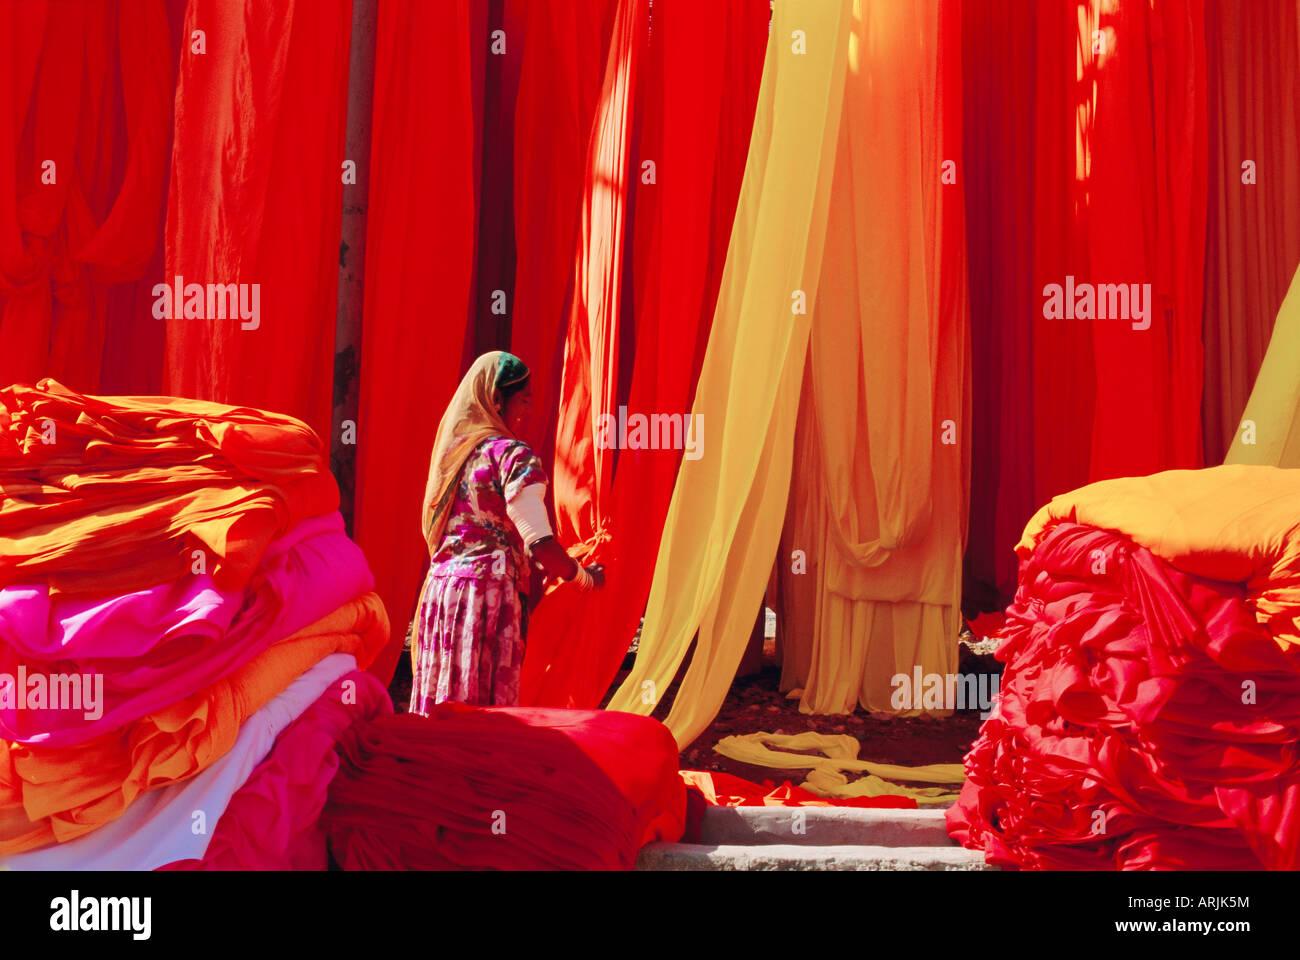 Sari Textilfabrik, Rajasthan, Indien Stockbild